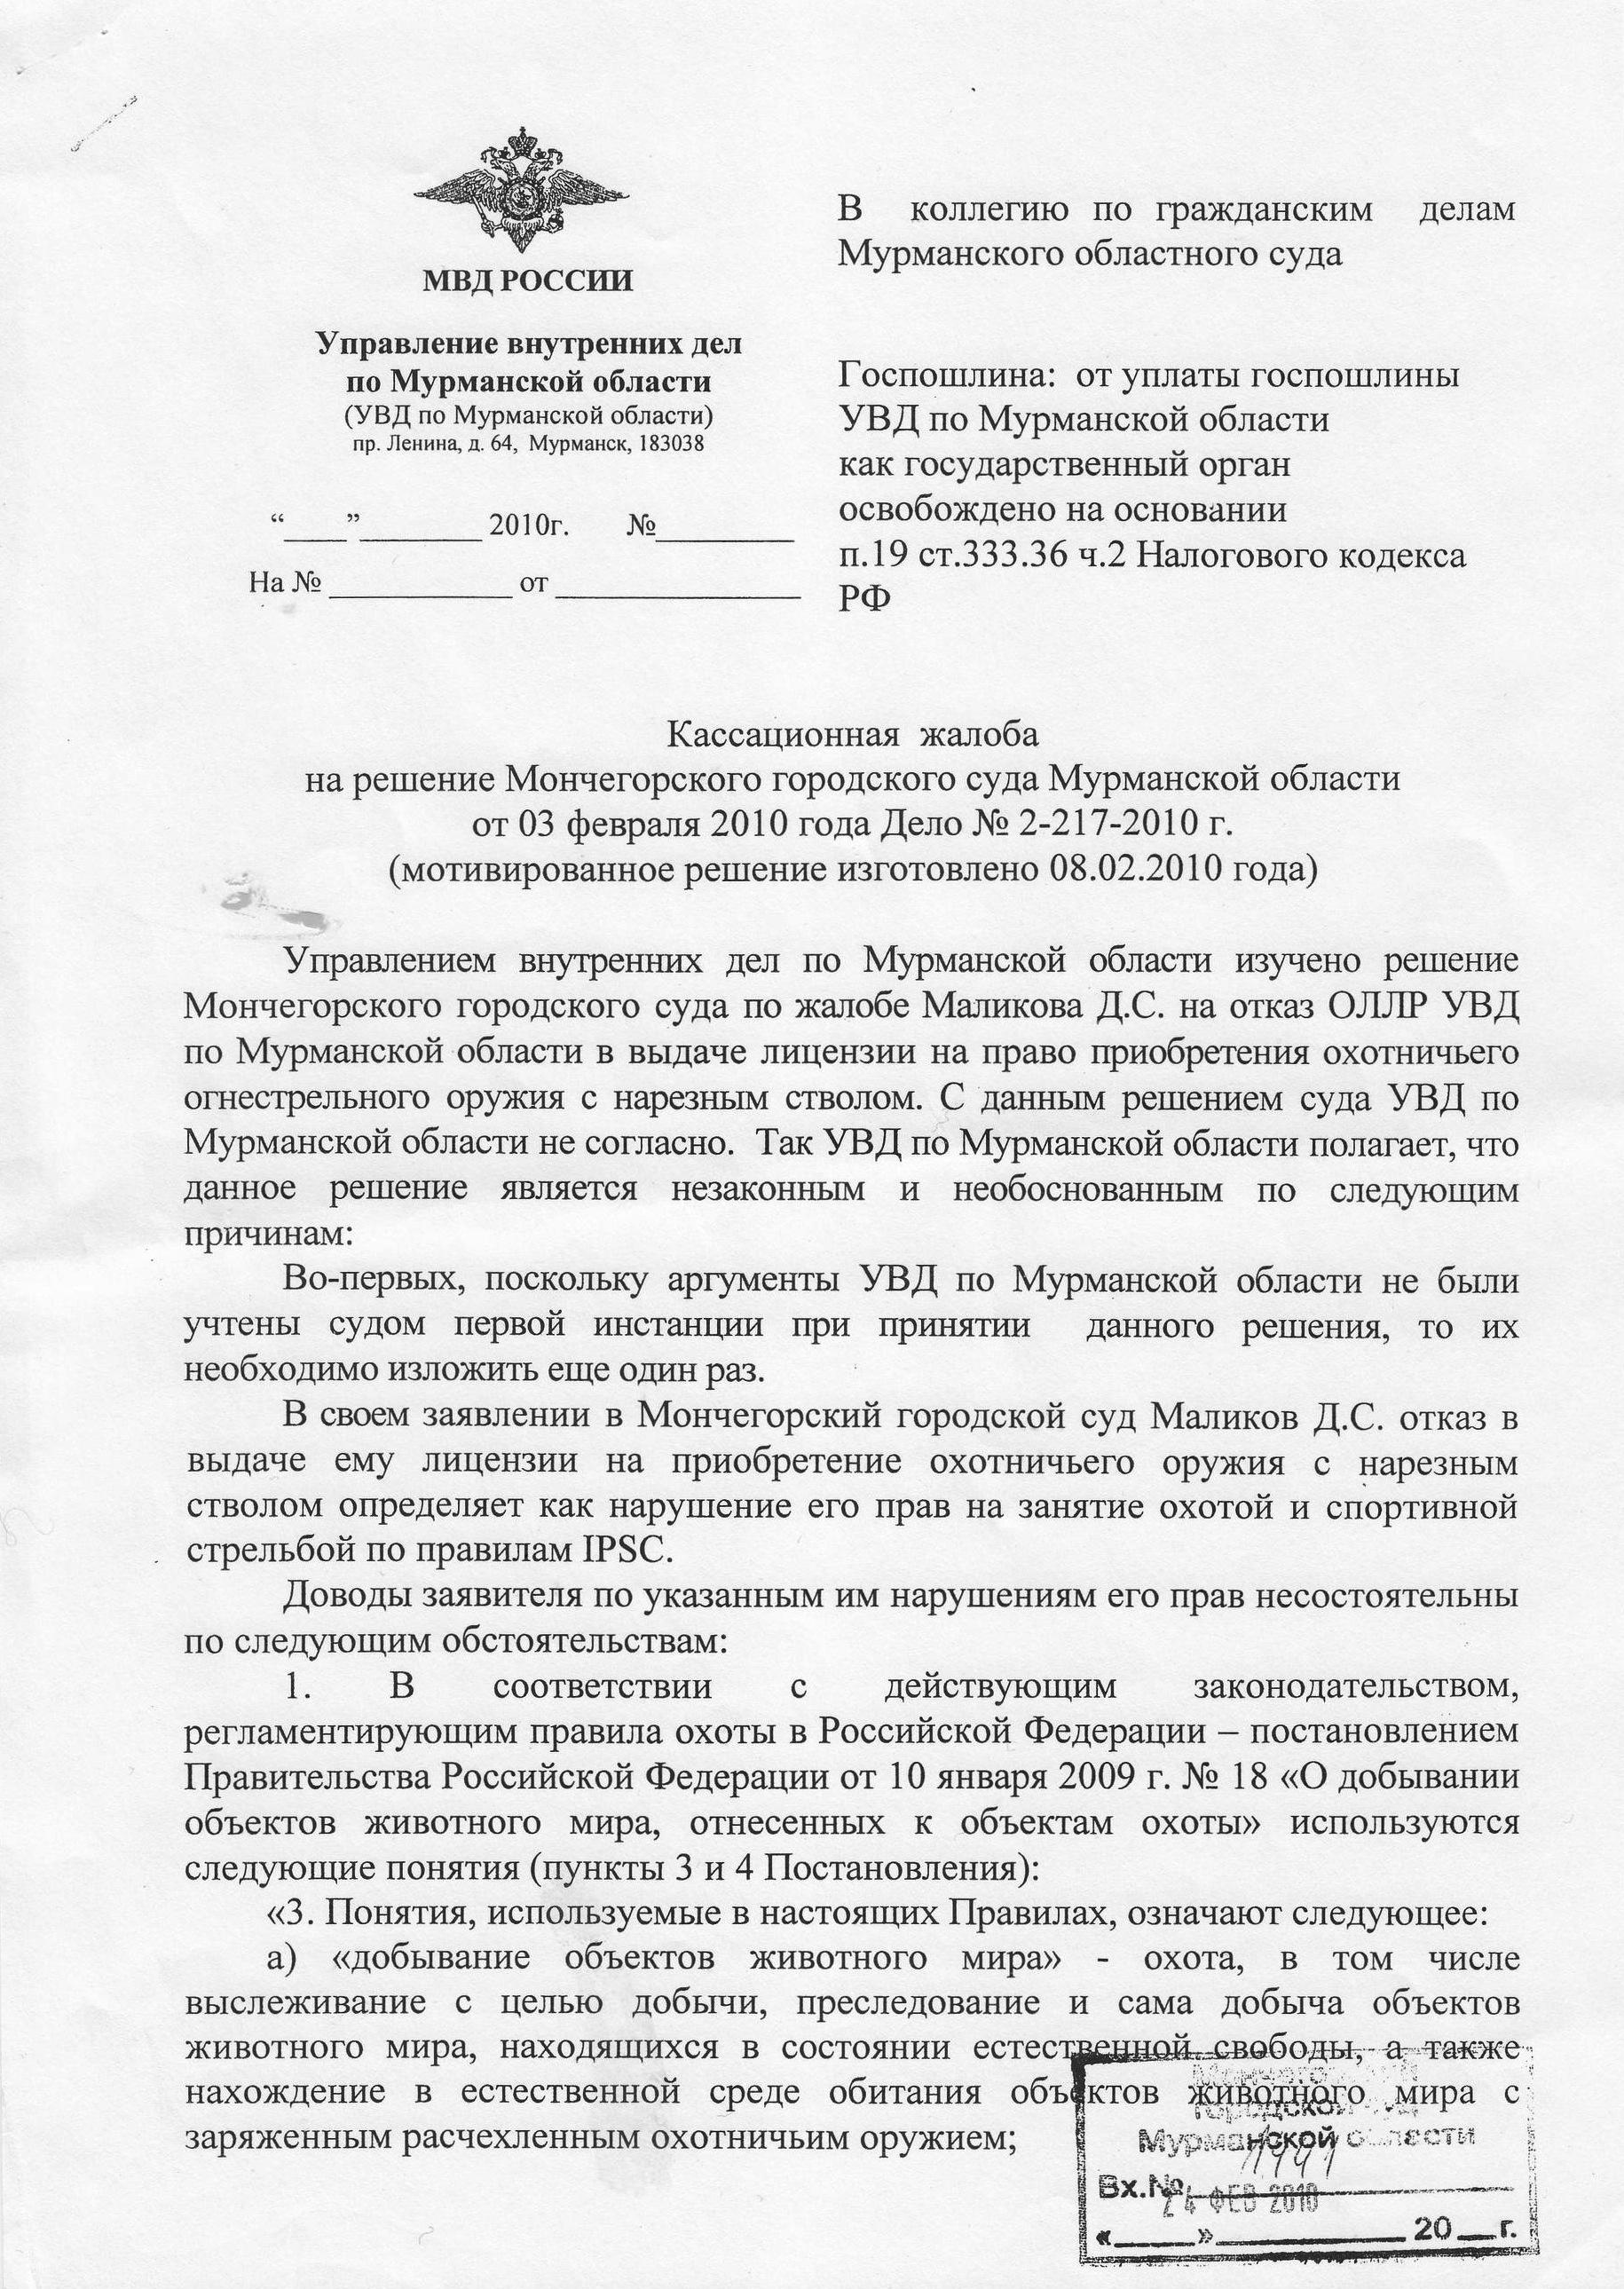 Апелляционная жалоба на решение суда по гражданскому делу — сроки подачи и образец